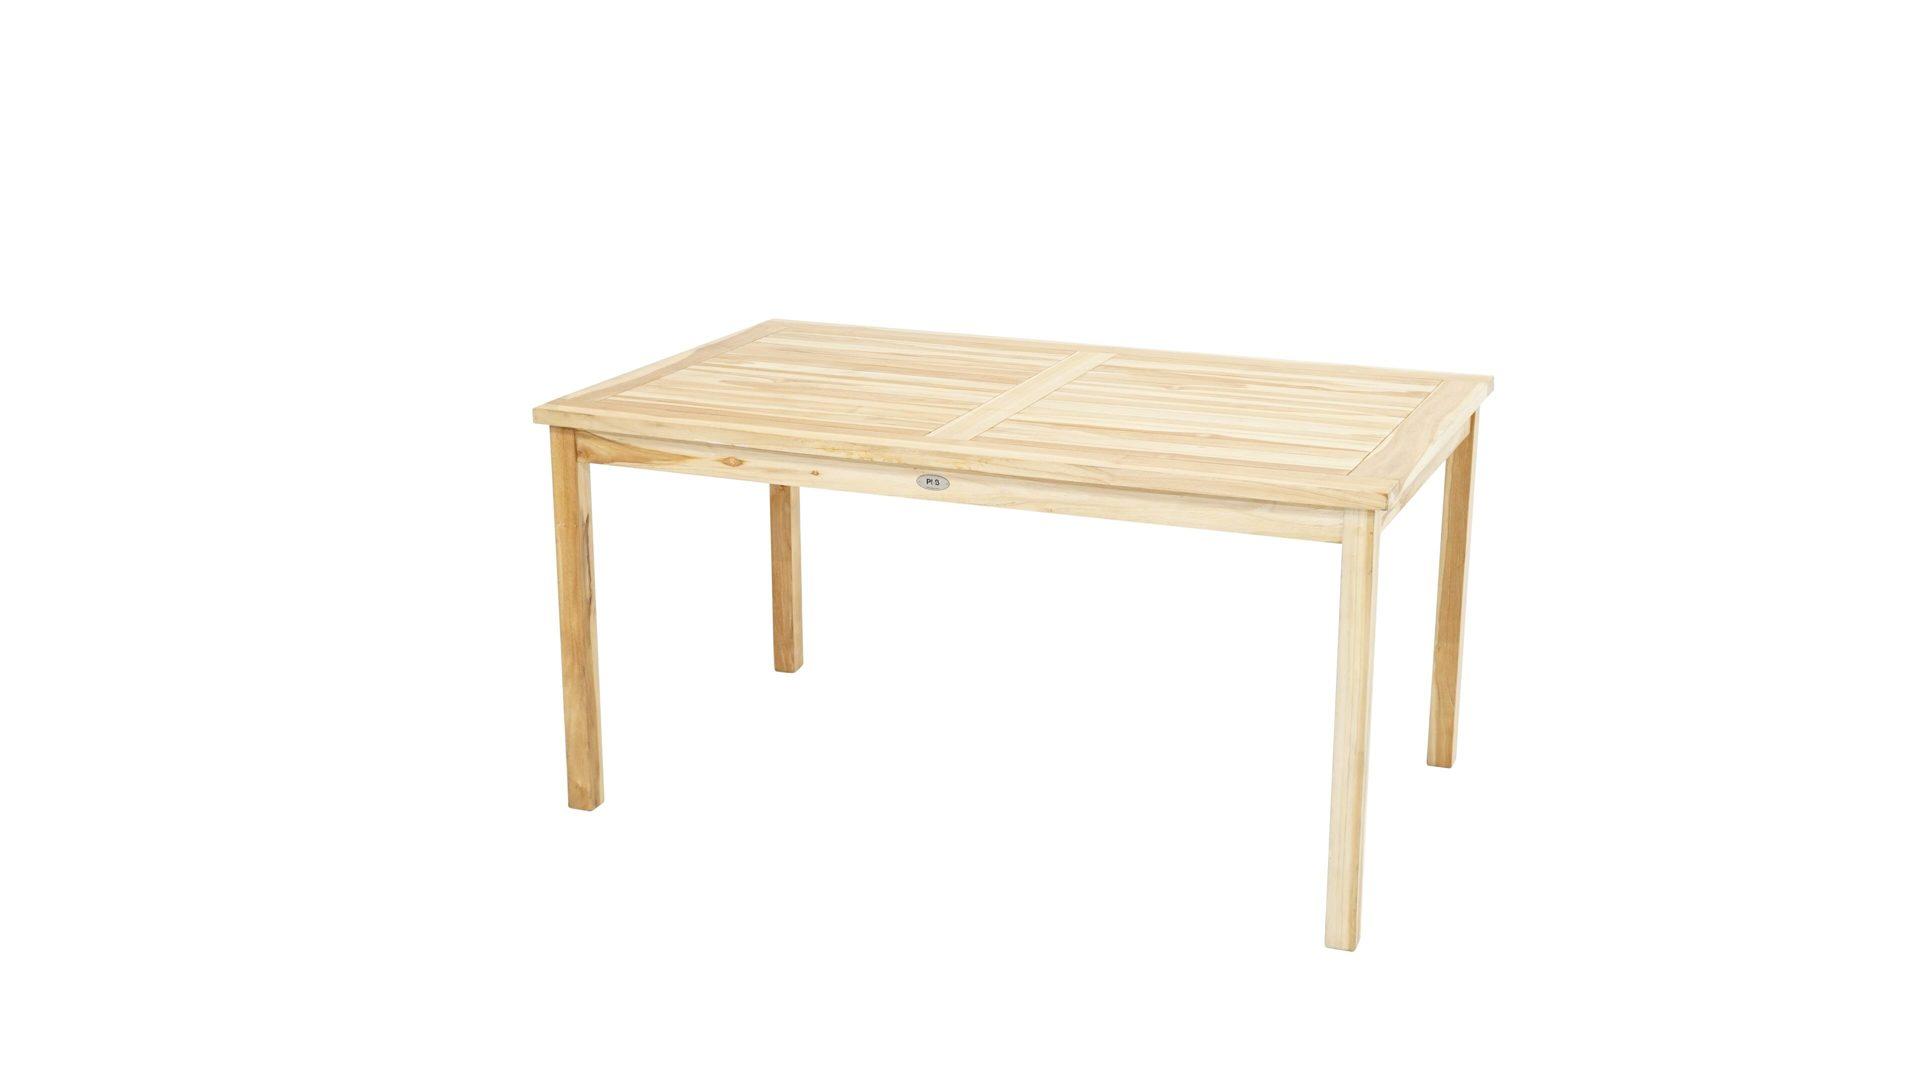 Möbel Bernskötter Mülheim, Outdoor, Tische, Ploß, Ploß Tisch ...